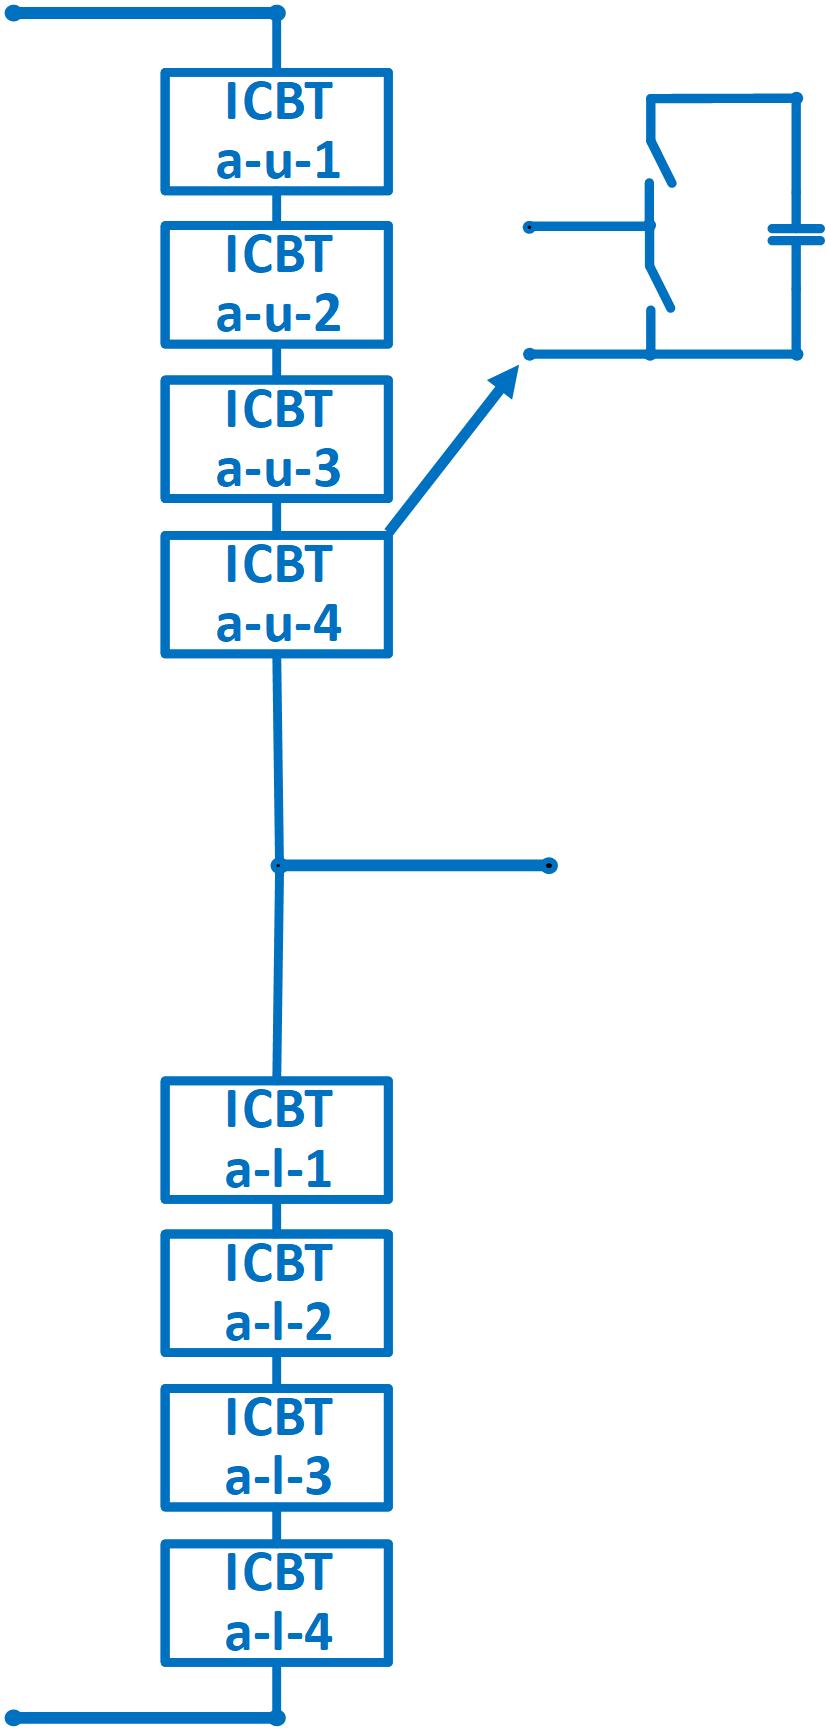 ICBT cells